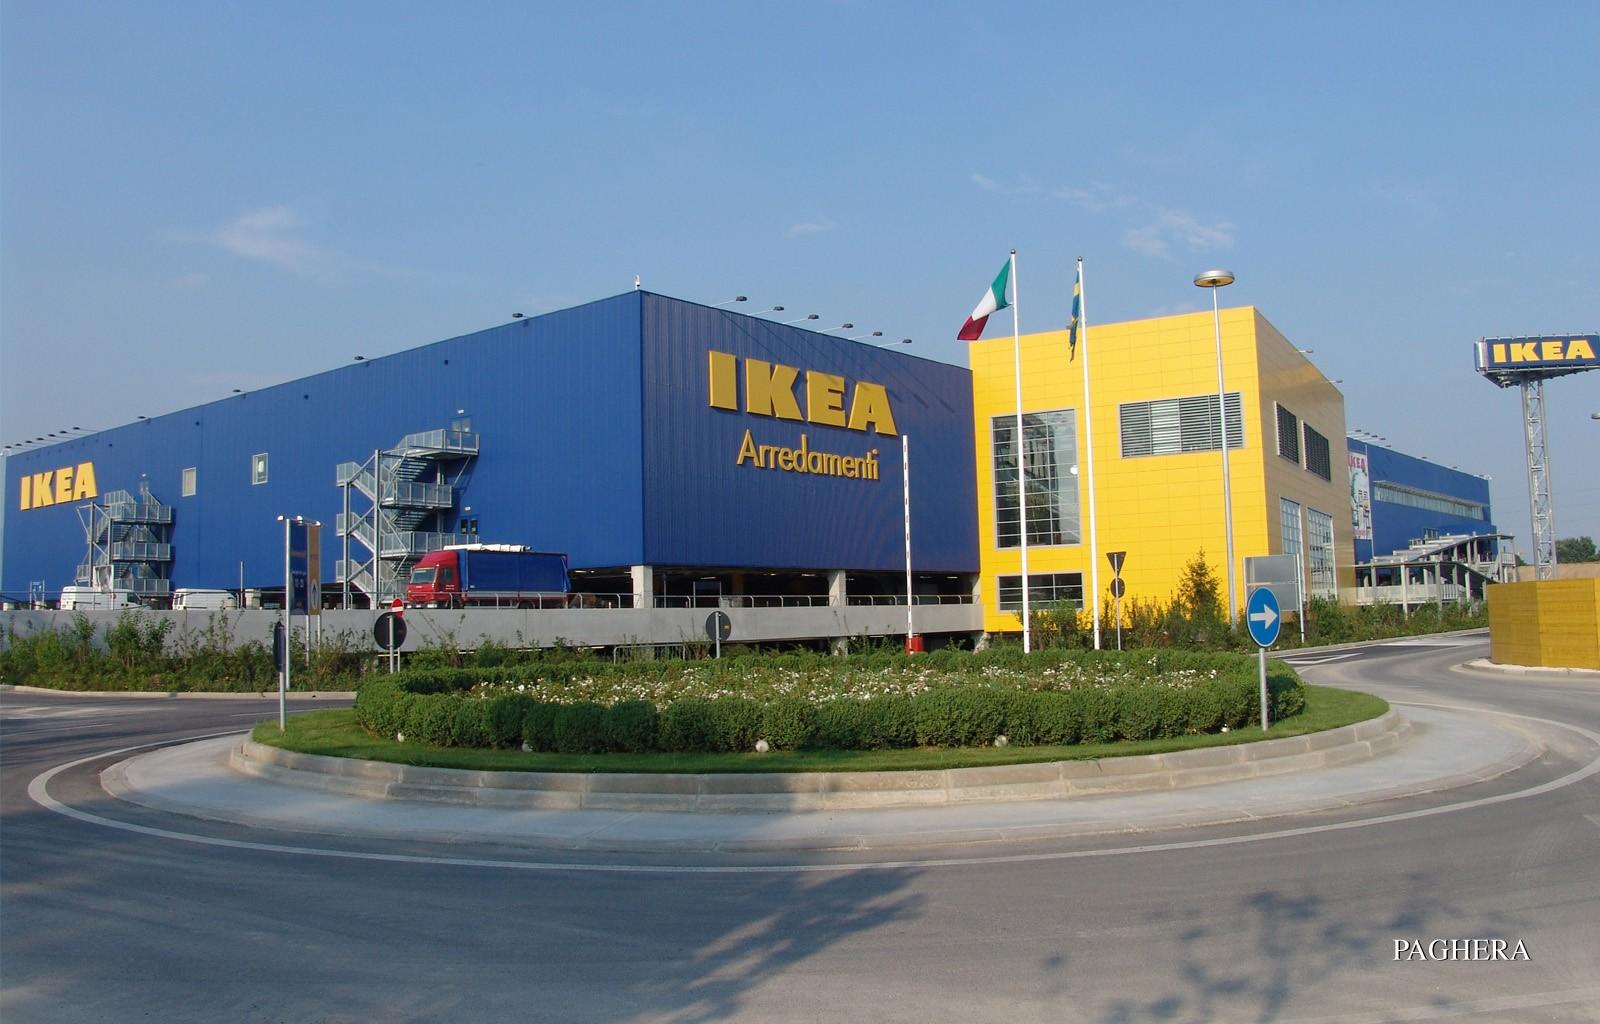 Ikea - Brescia - مراکز خرید